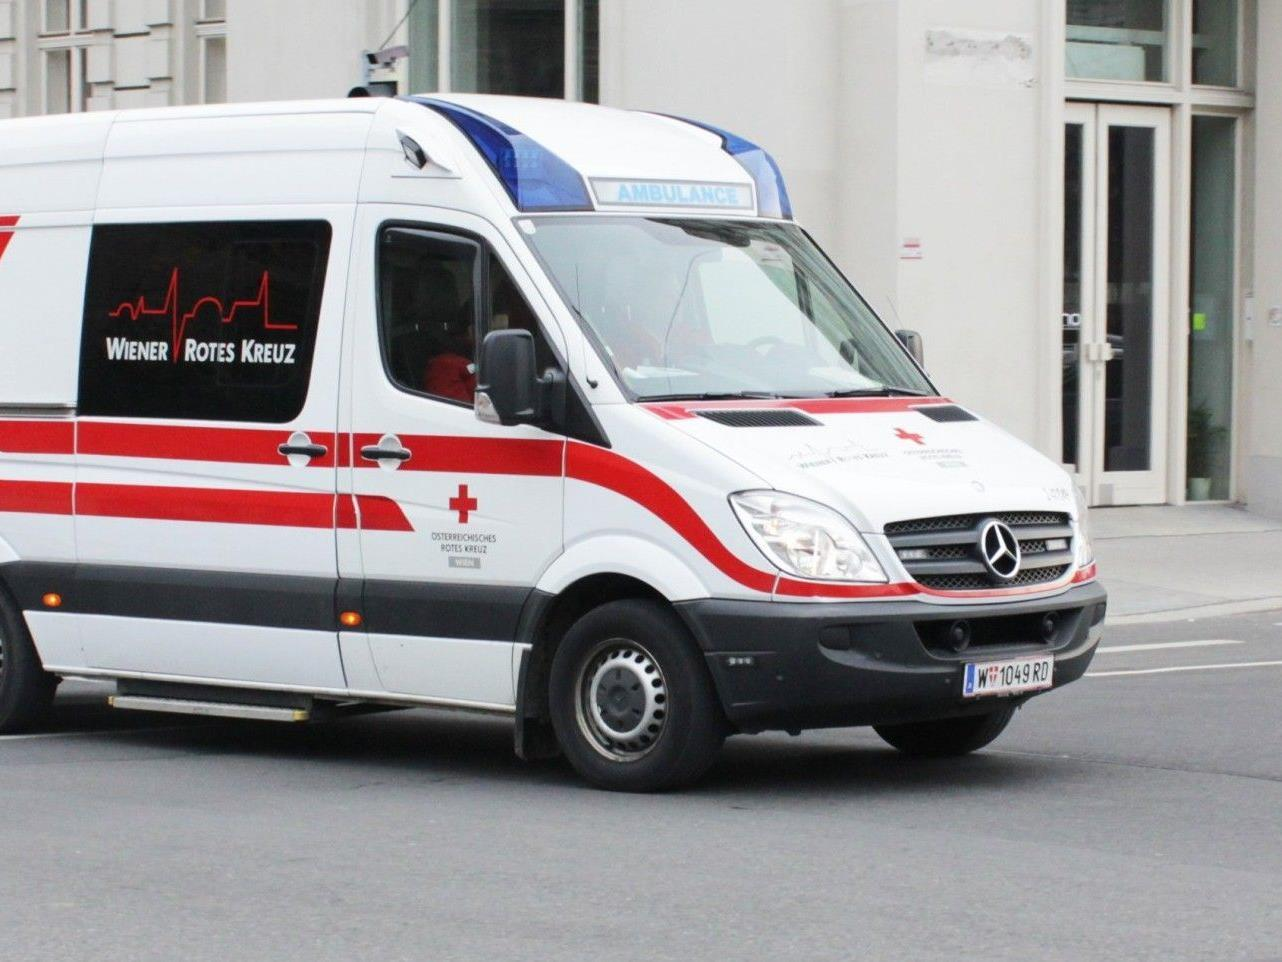 Am Freitag wurde ein 15-Jähriger von einem Auto erfasst und schwer verletzt.